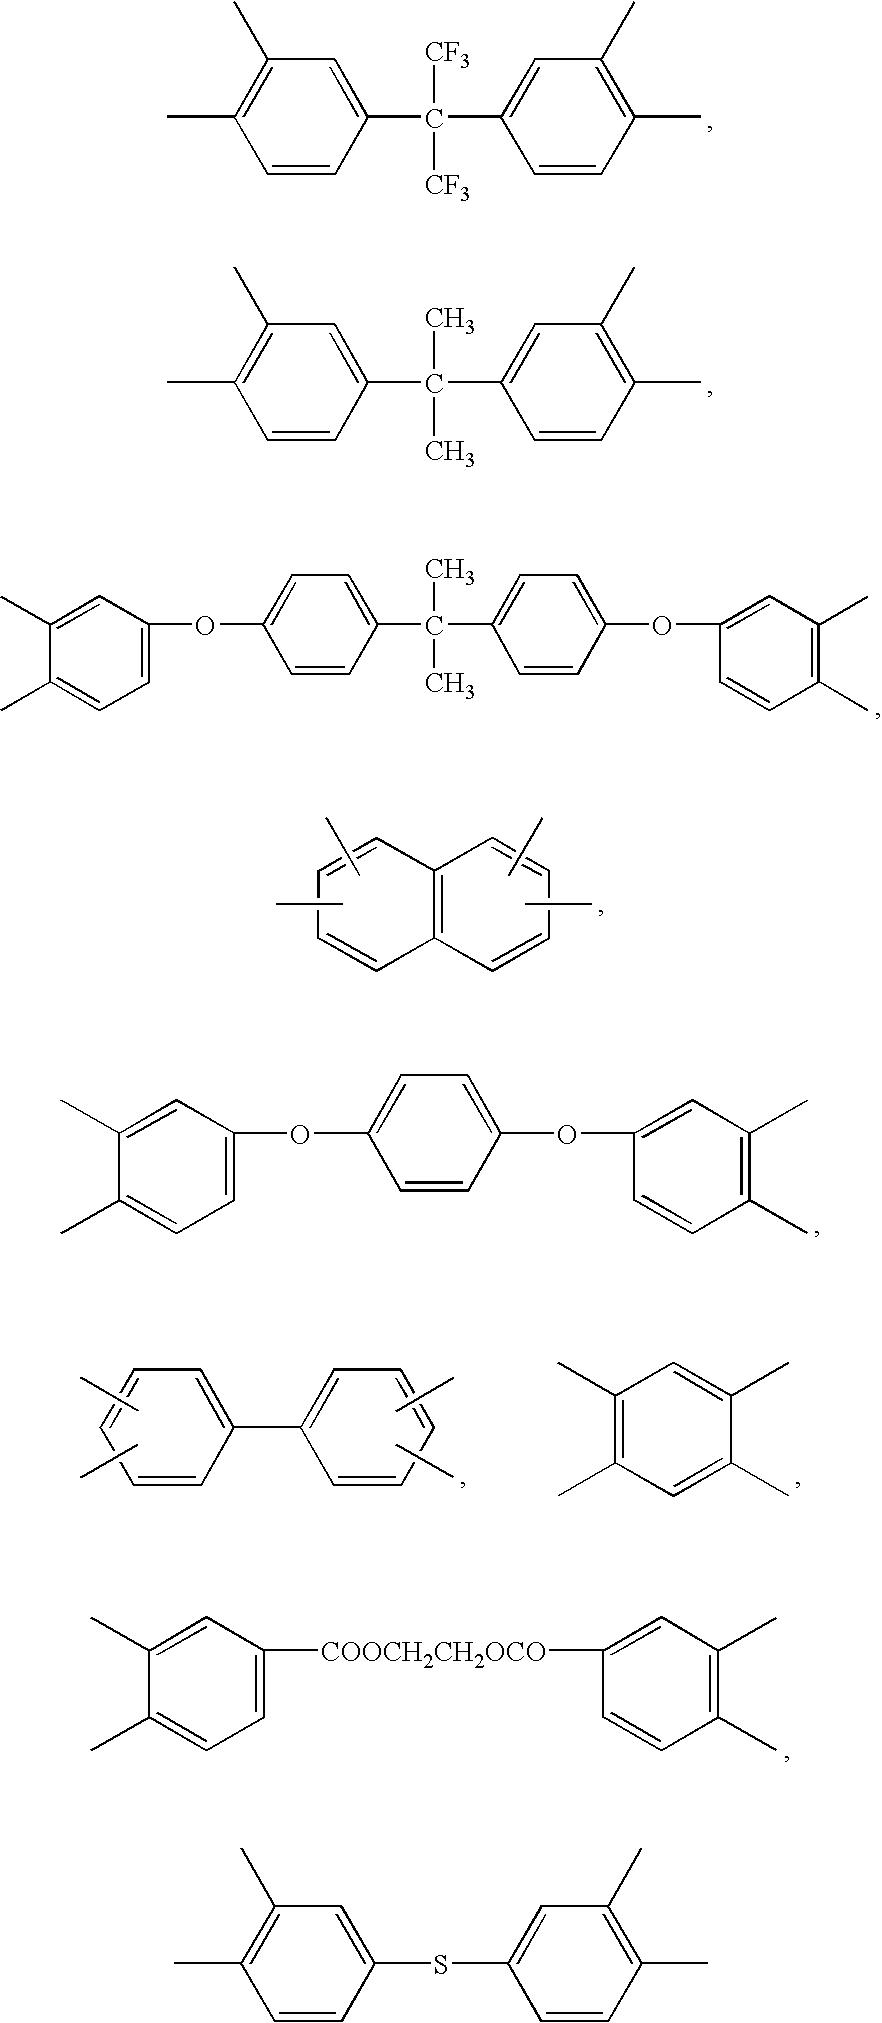 Figure US08127936-20120306-C00004